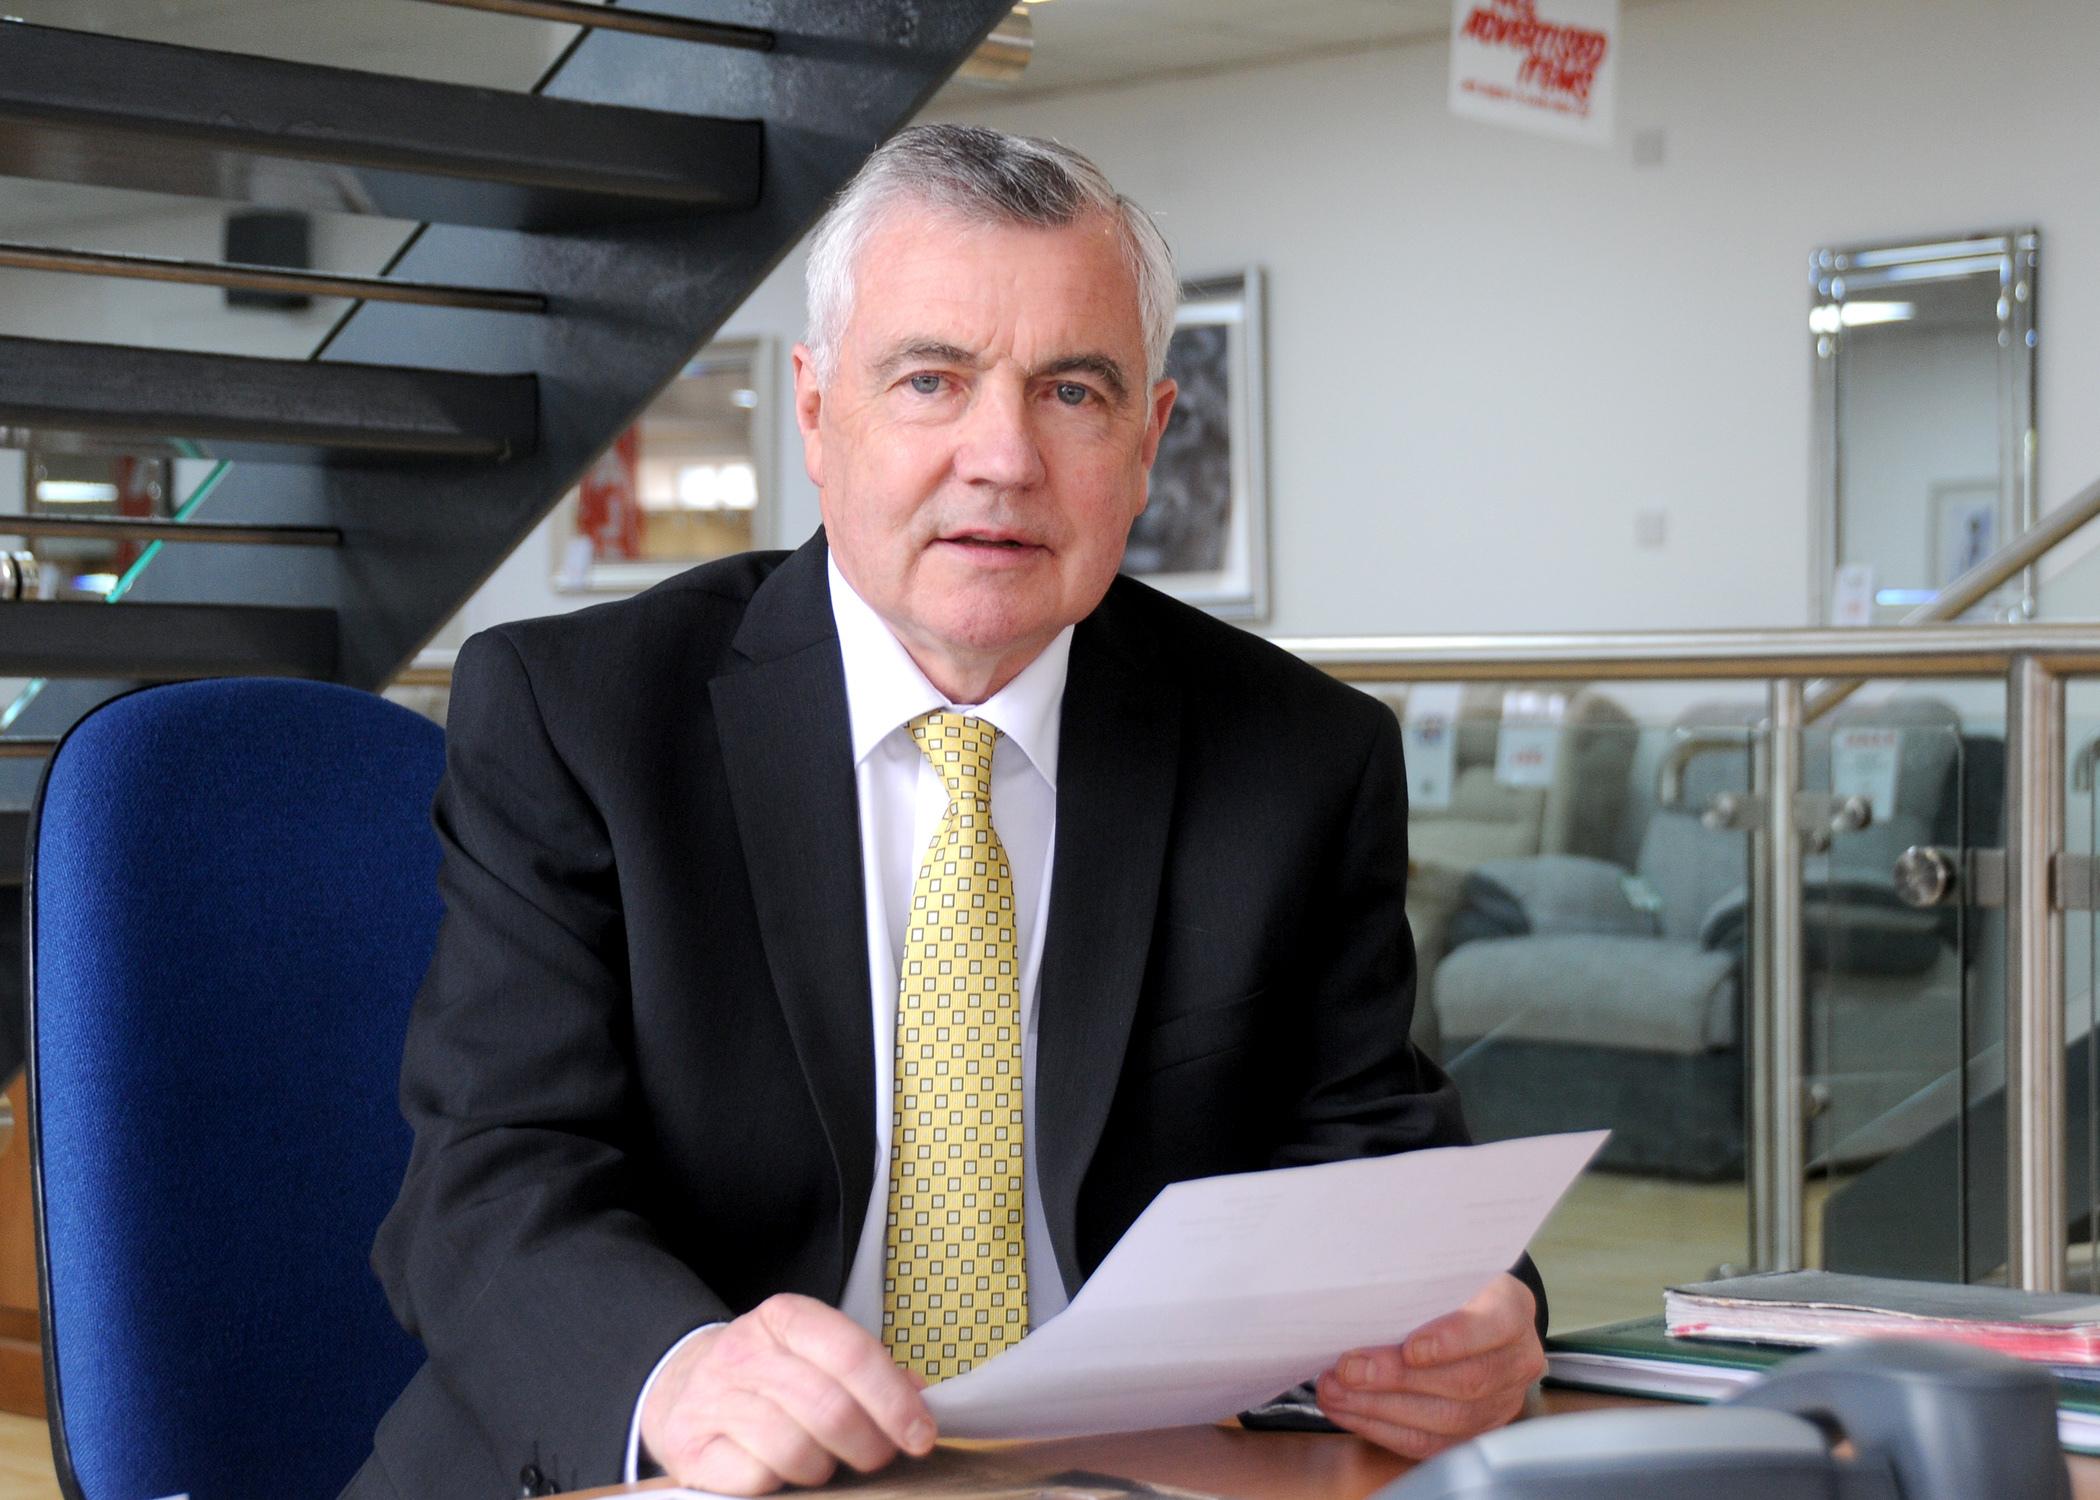 Perth businessman Jimmy Barclay